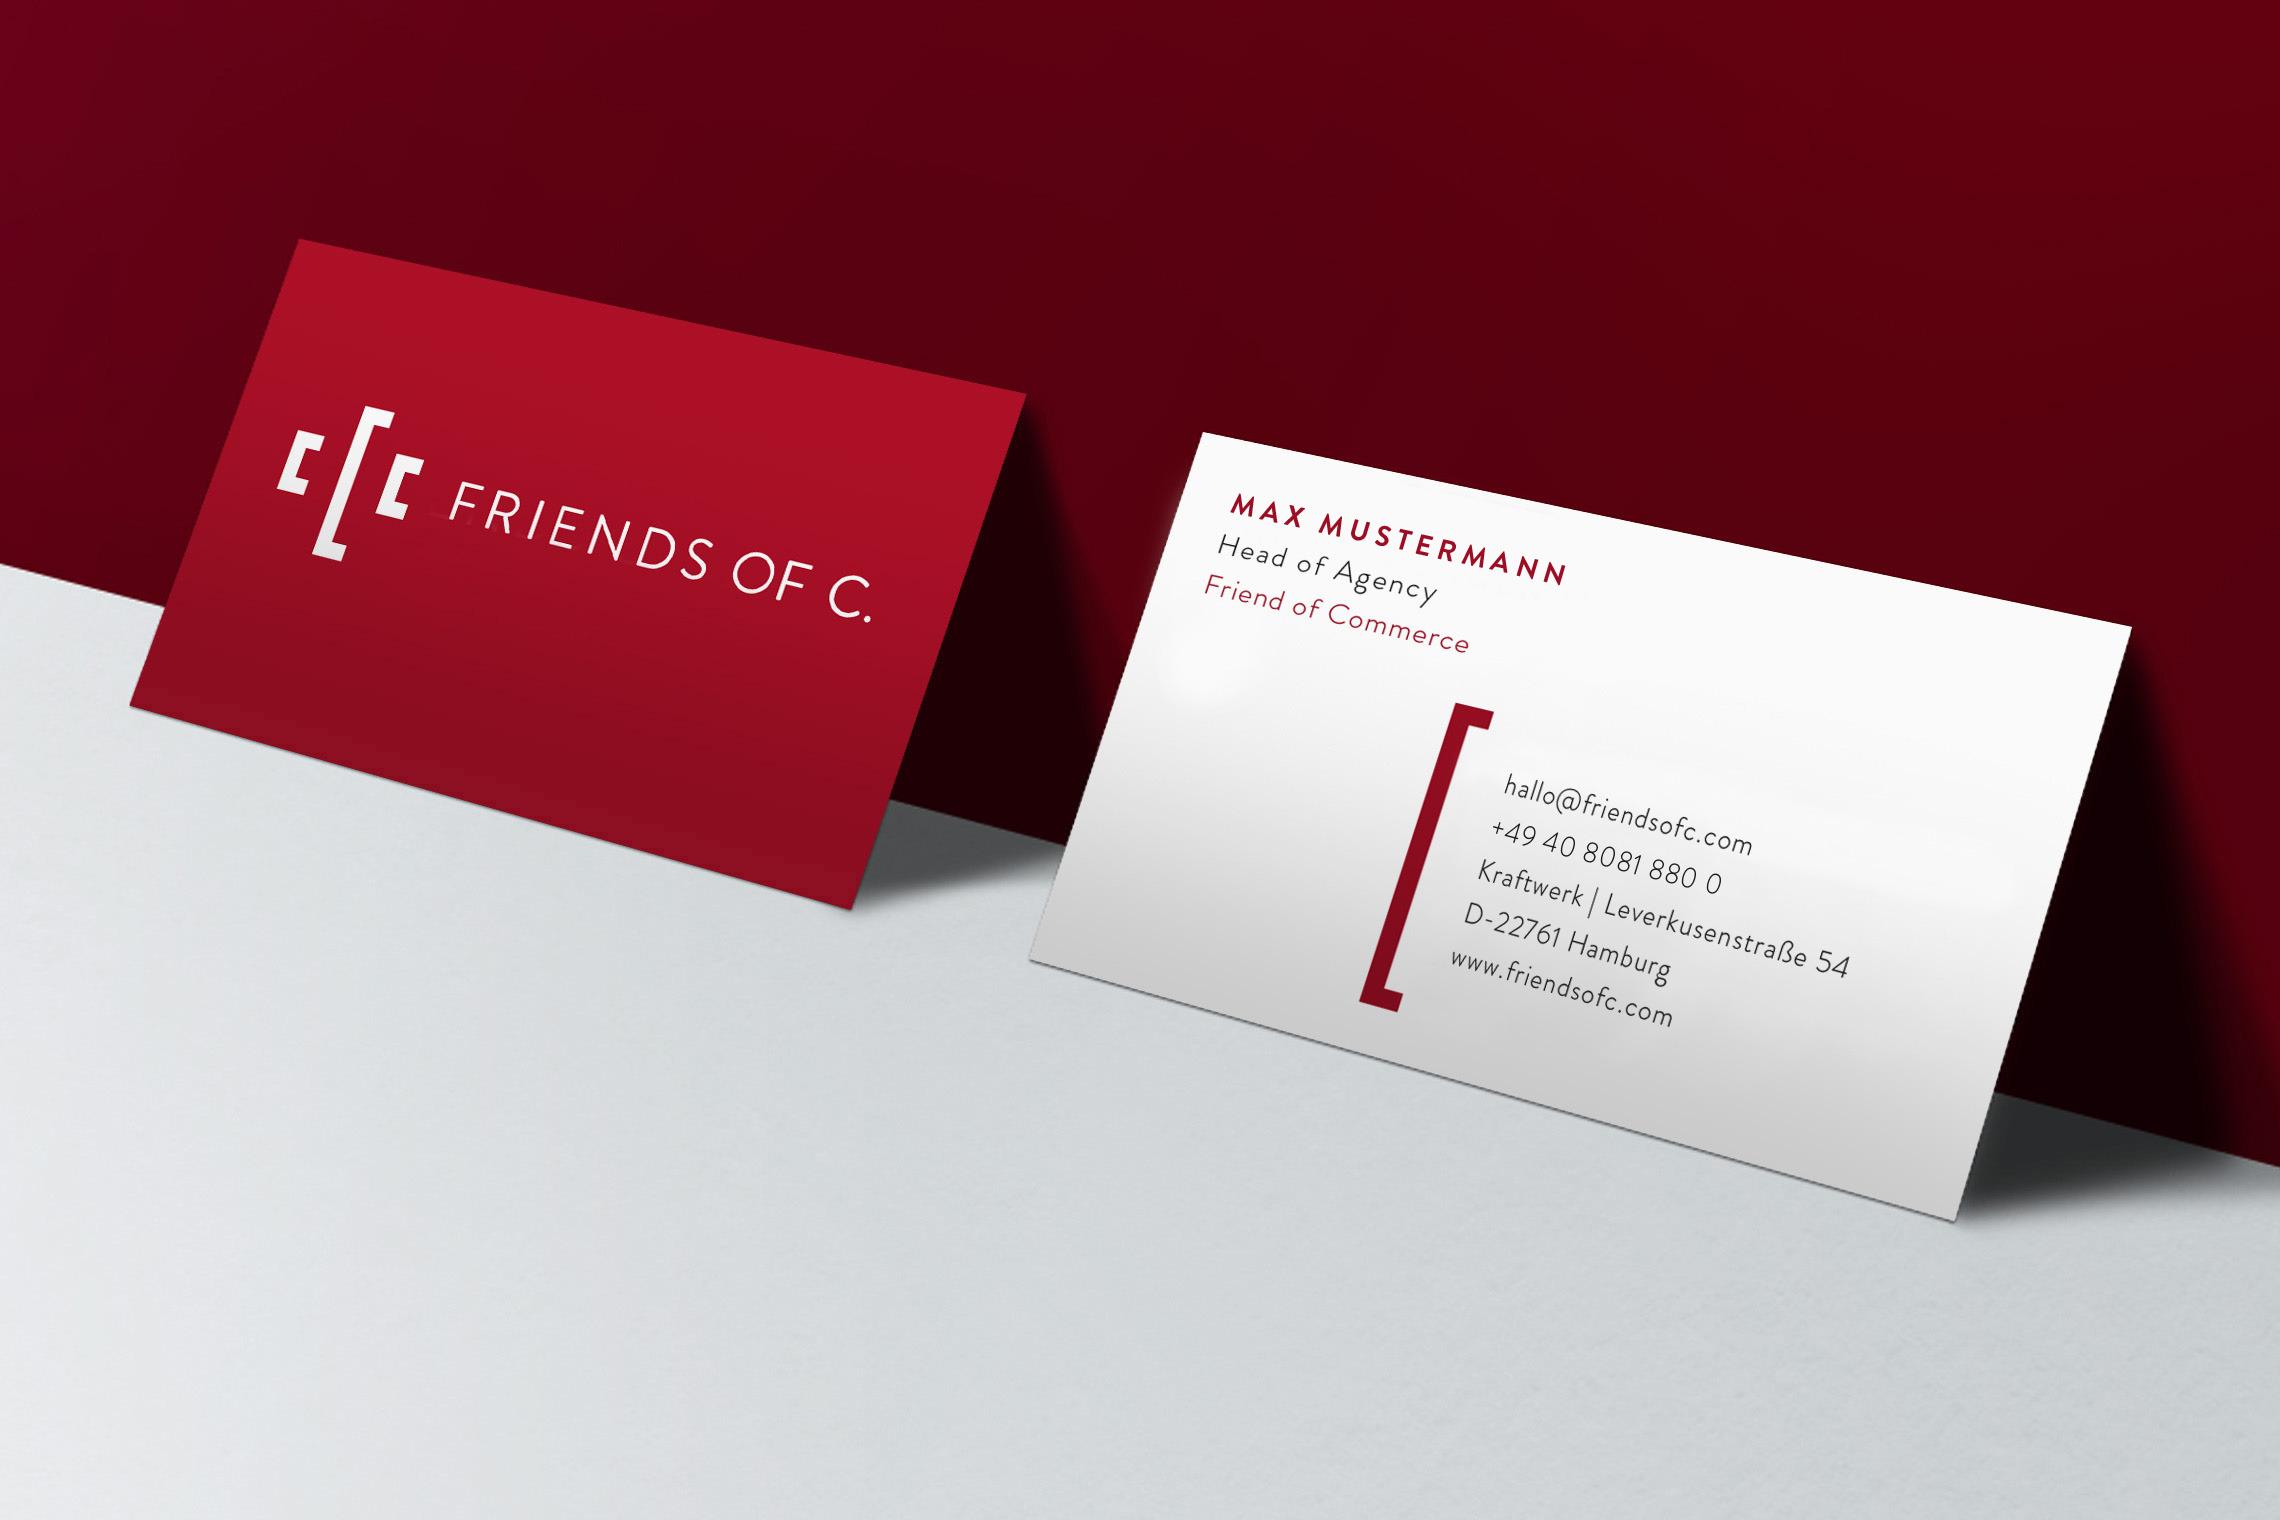 Das Corporate Design ist schlicht und doch kraftvoll, passend zur Mission der Friends of C.